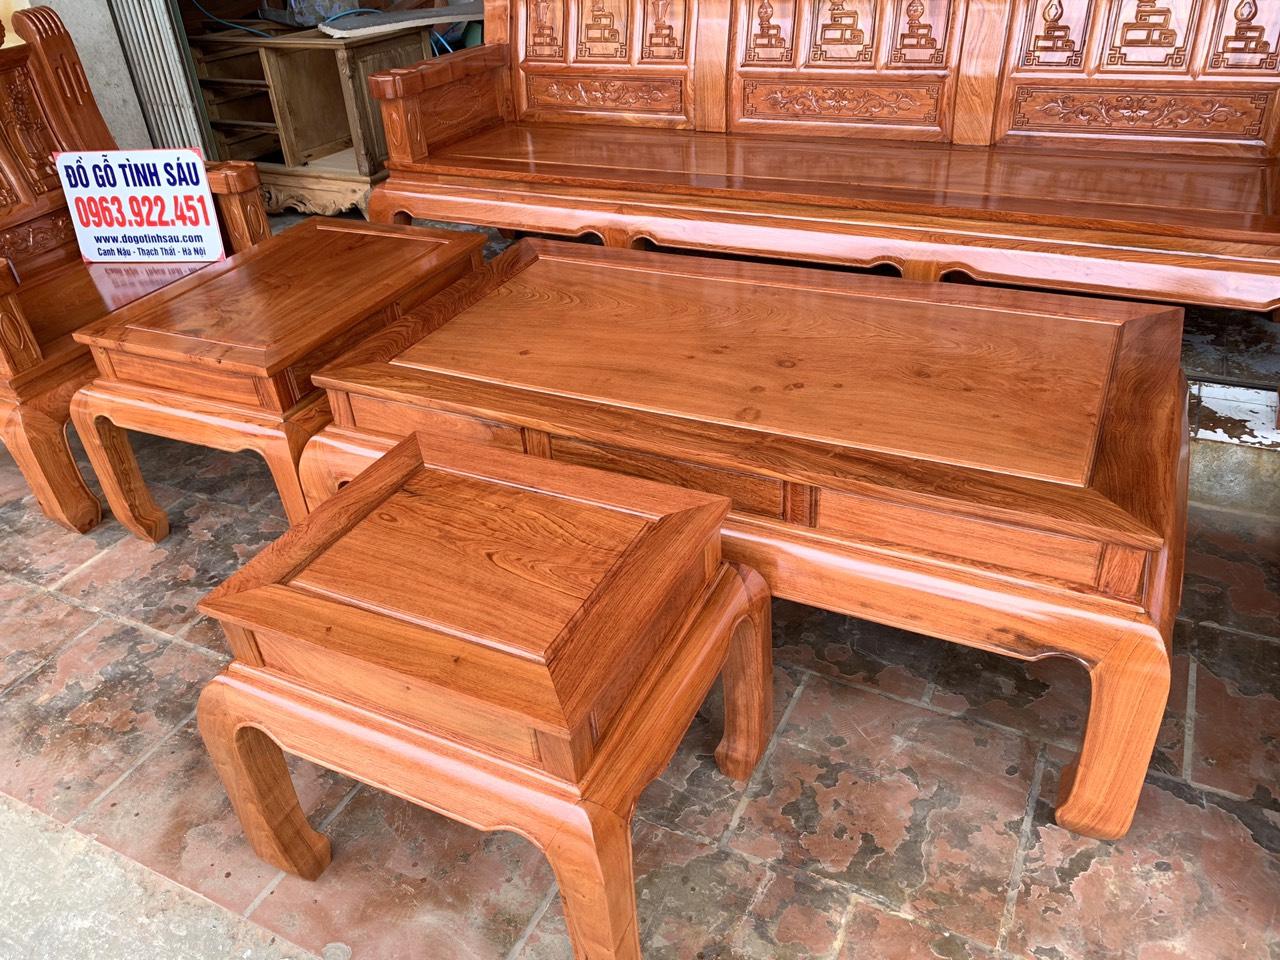 bo ban ghe au a nhu y chuong voi tay dac go huong da 3 - Bộ bàn ghế Âu Á như ý chương voi tay đặc gỗ hương đá (hàng đặt)